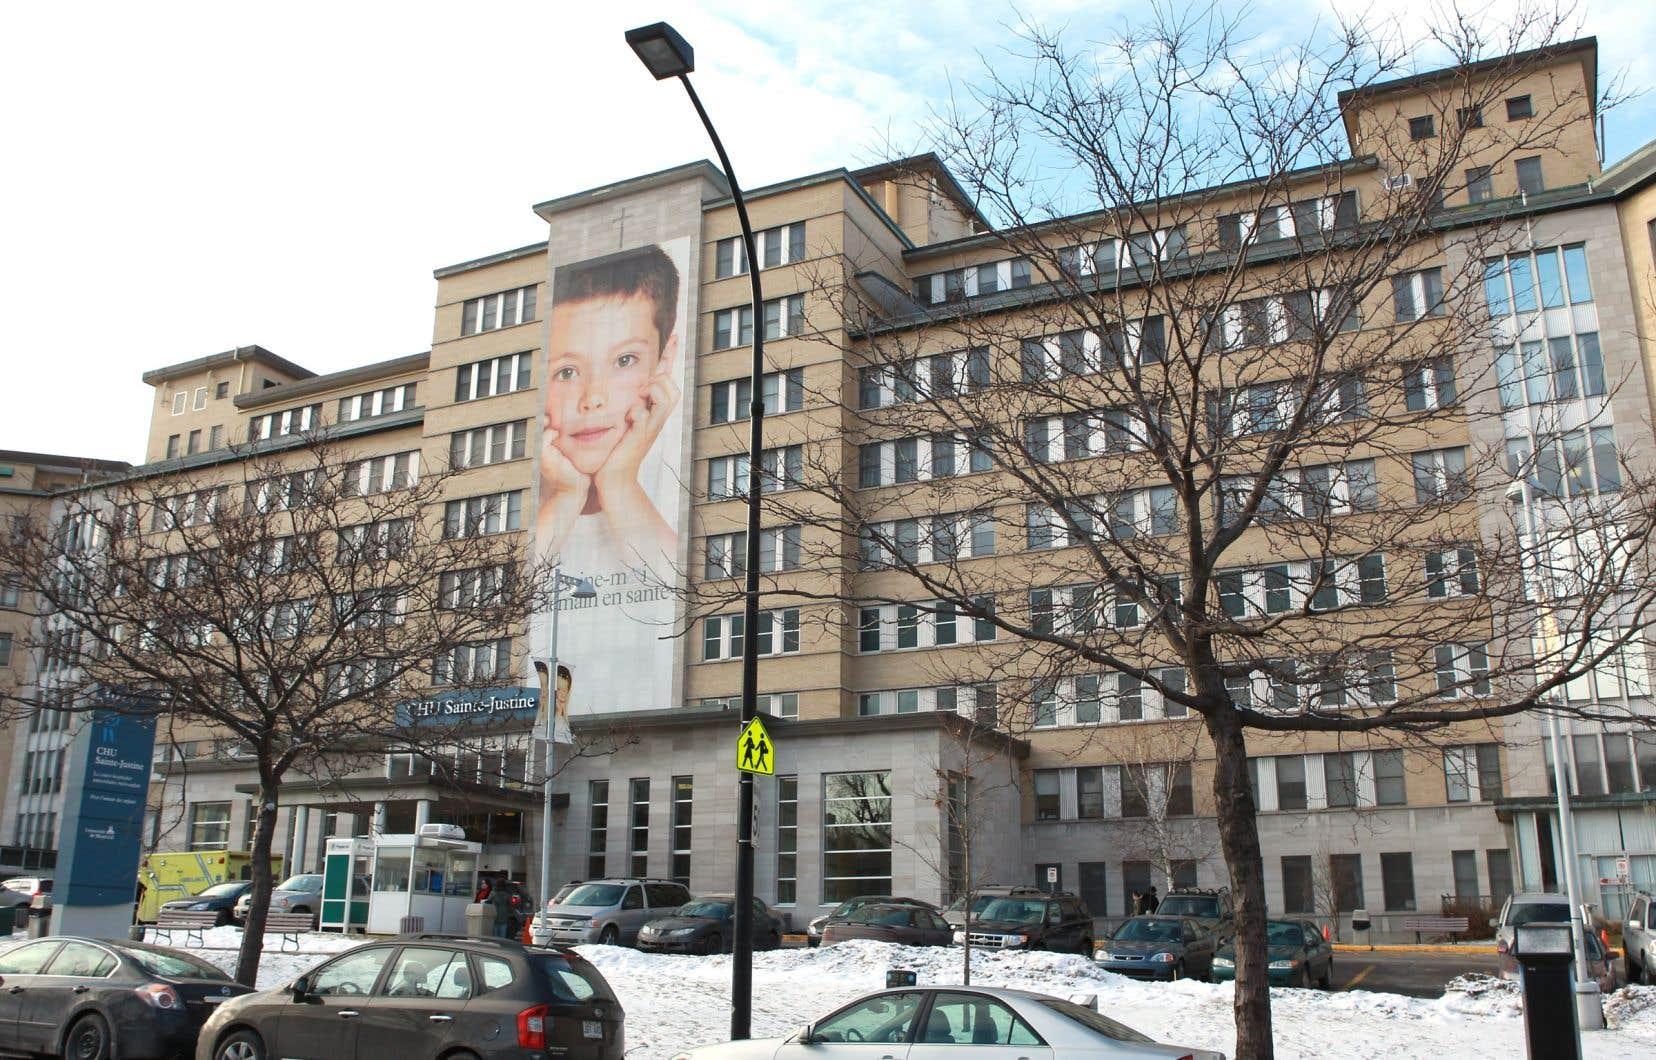 Le Centre hospitalier universitaire Sainte-Justine